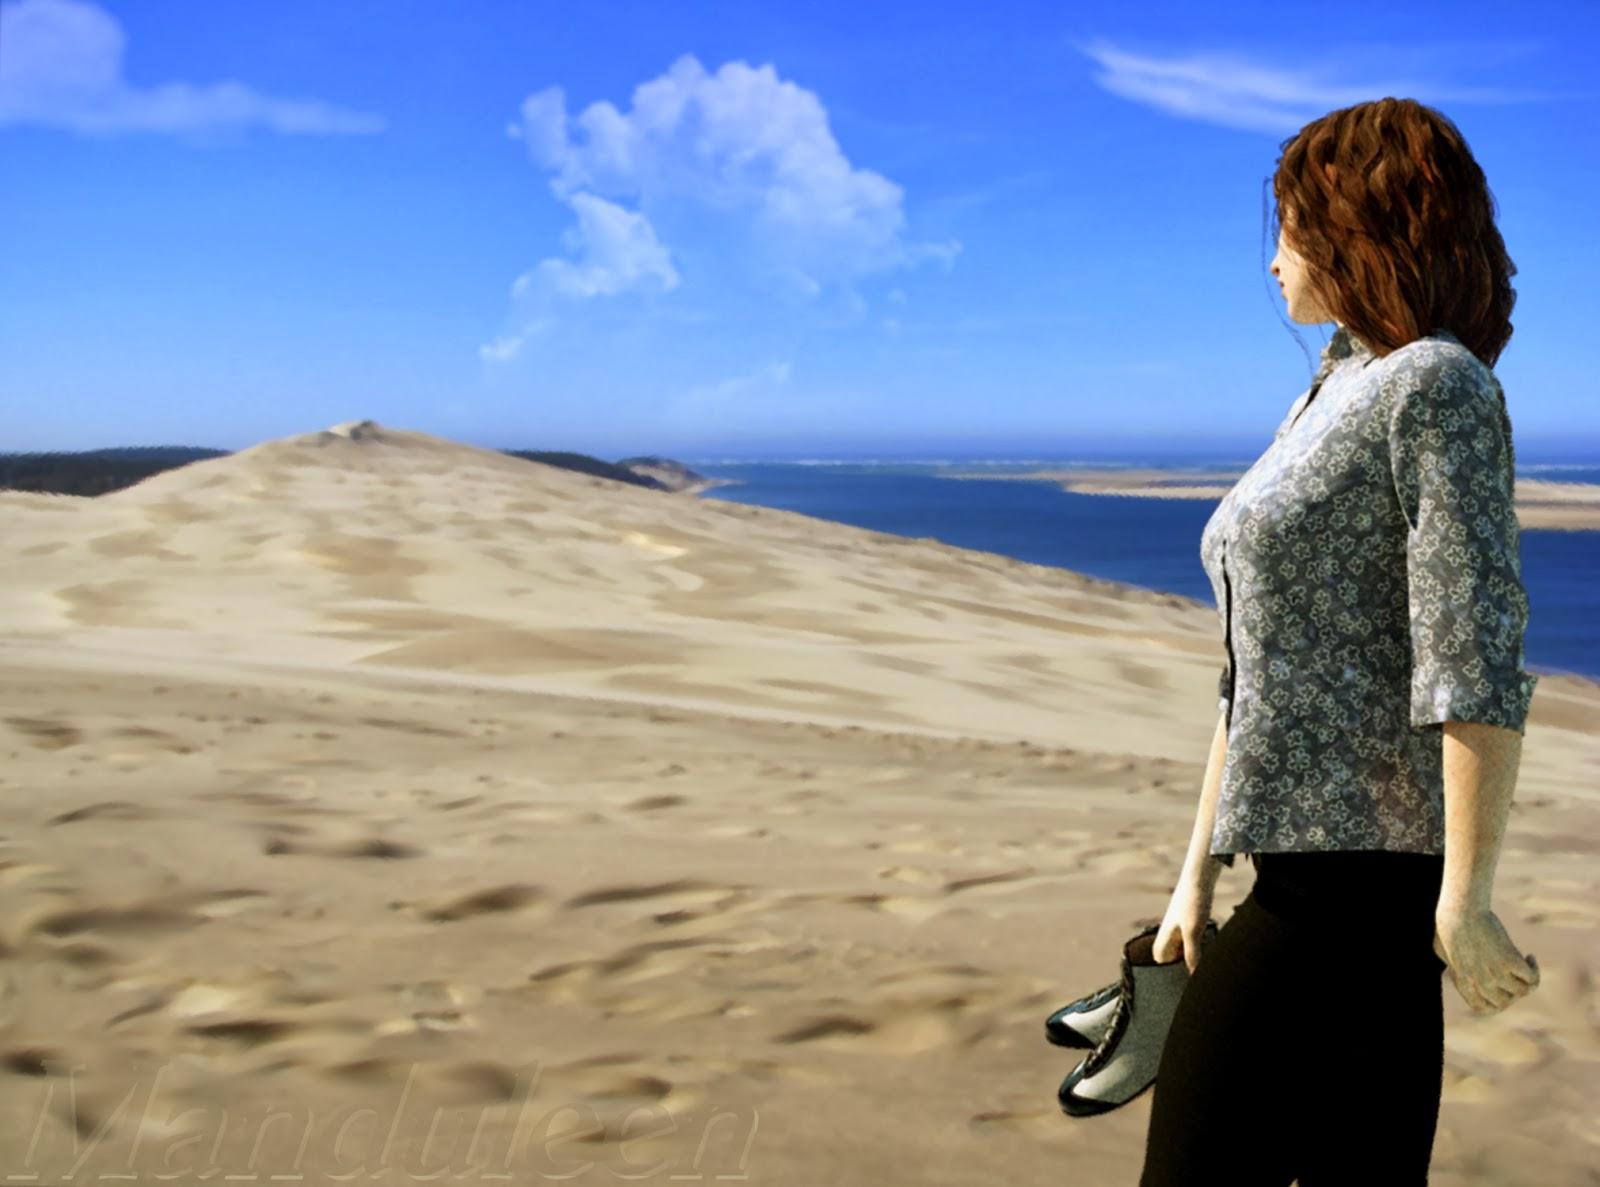 L'Histoire qui ne dit pas son nom - Dunes